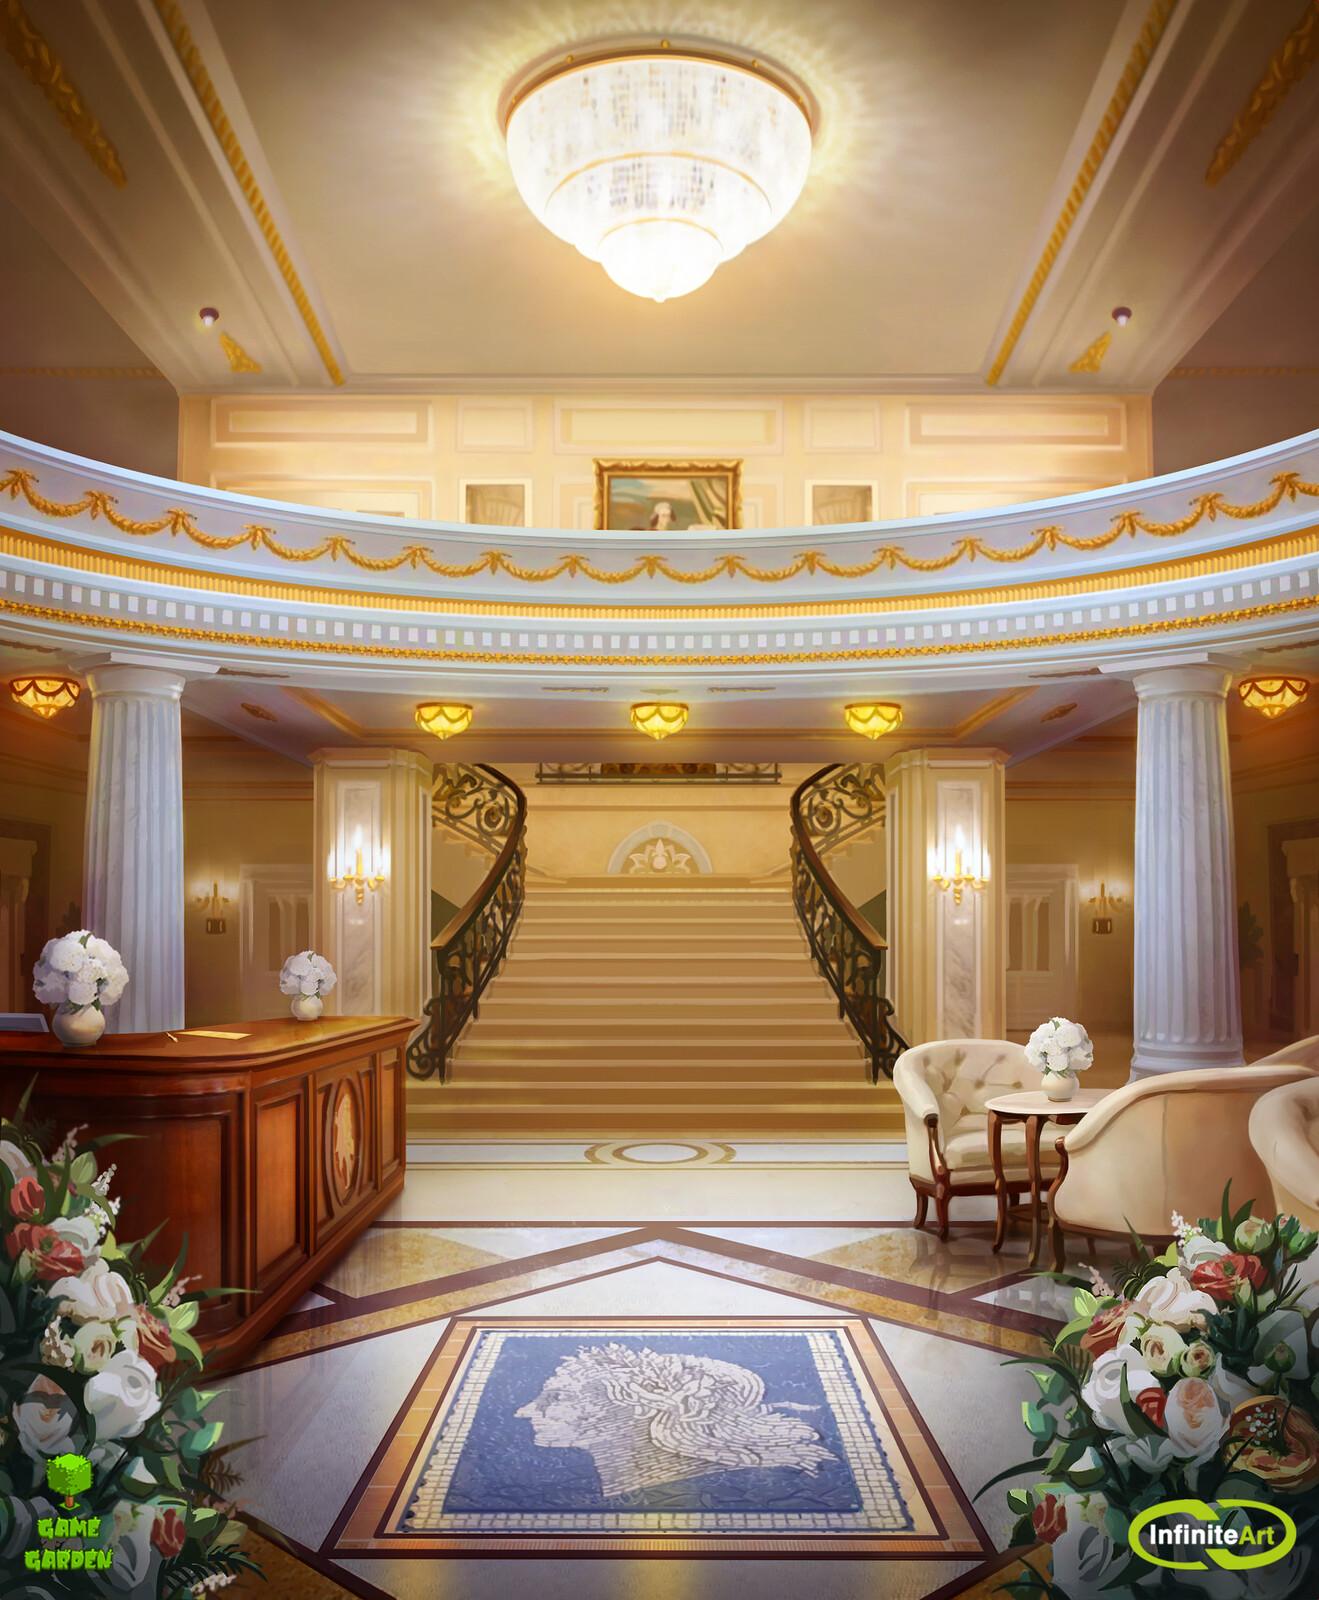 Angelina hotel Lobby (12 hours)